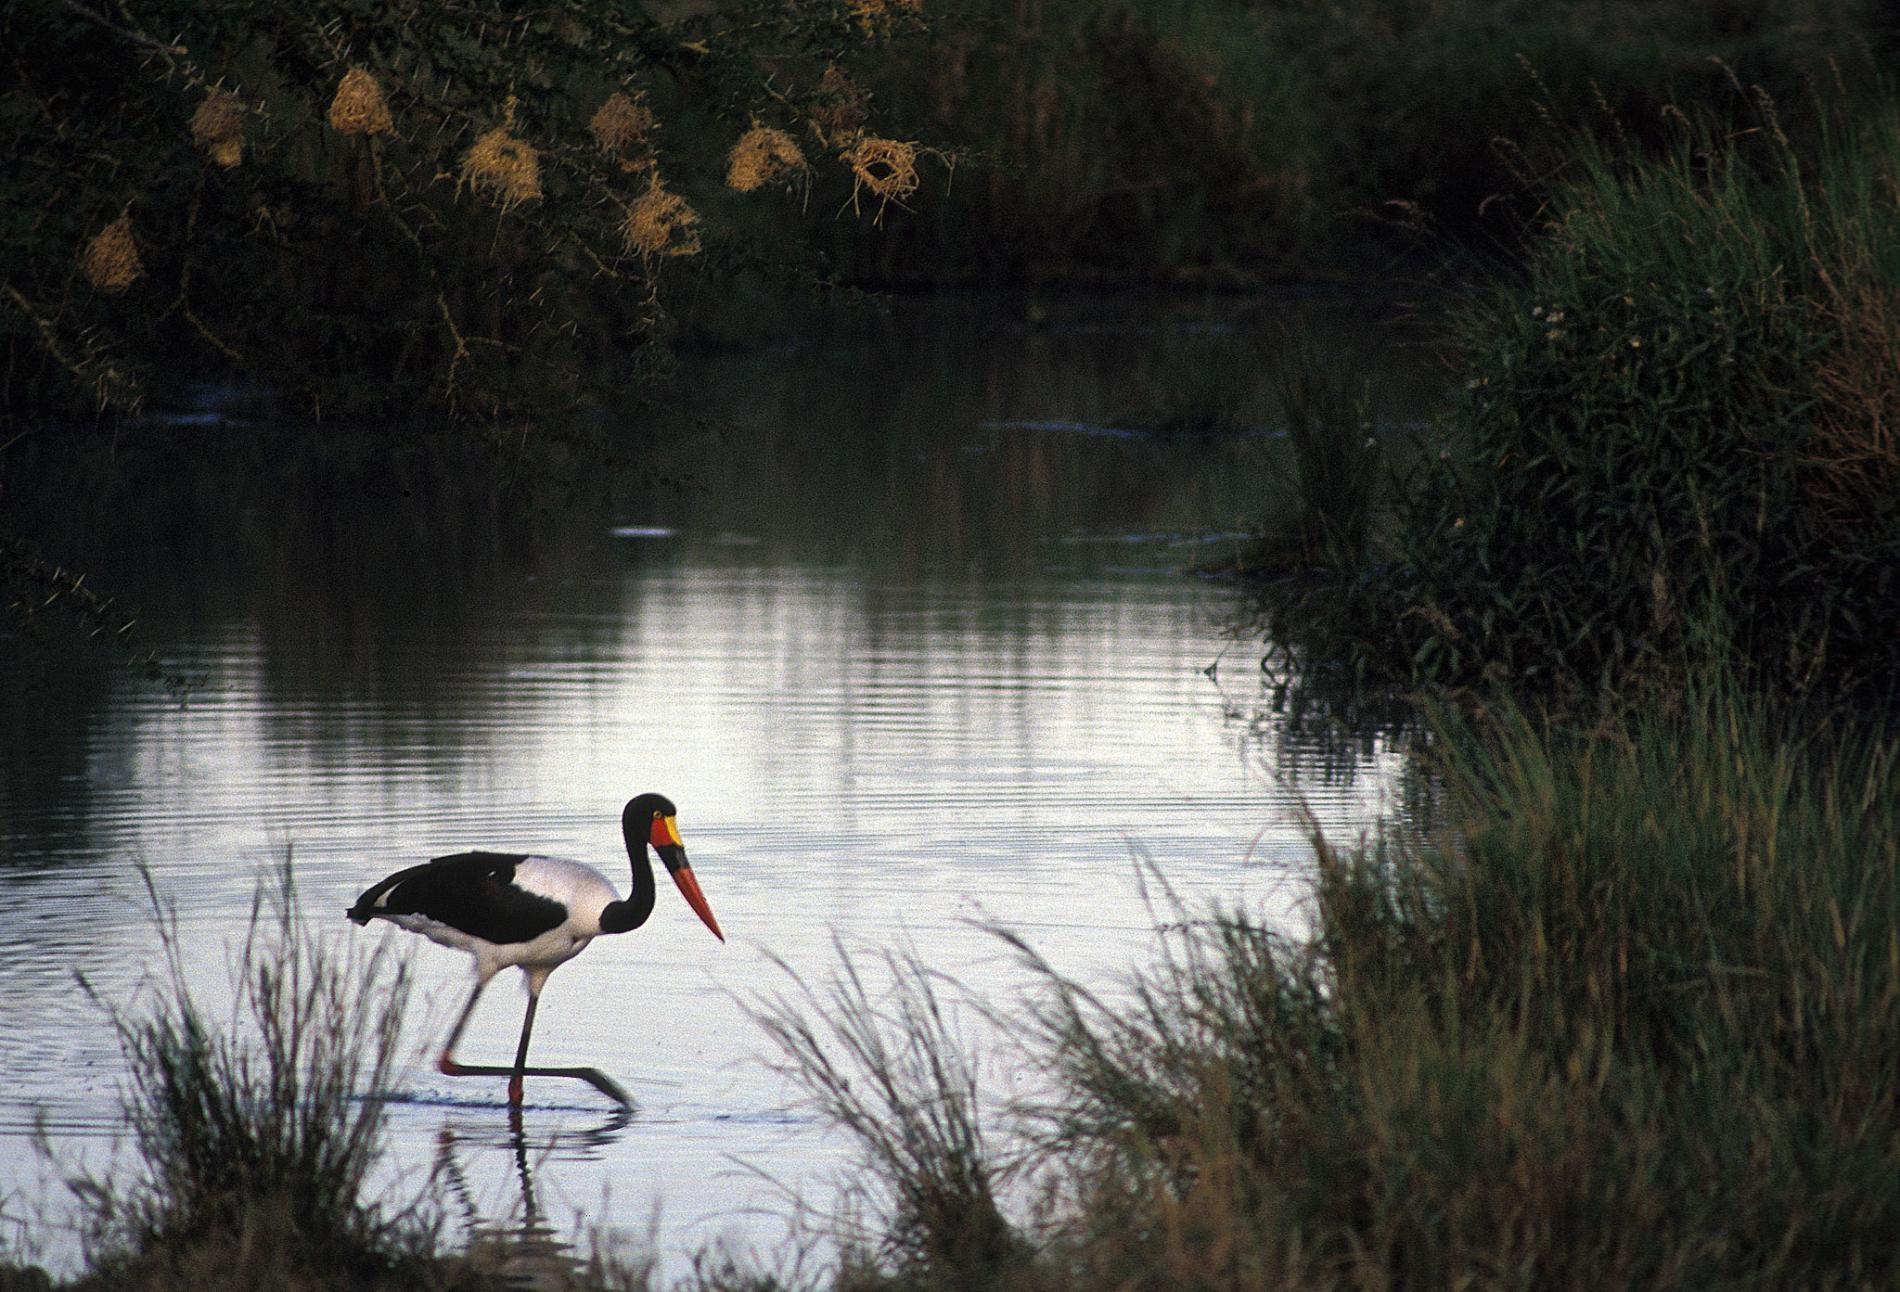 沒有任何現生動物能完美類比棘龍,但是有些科學家認為這種恐龍可能曾在淺水區涉水而行,如這隻拍攝於坦尚尼亞的鞍嘴鸛(saddle-billed stork,<i>Ephippiorhynchus senegalensis</i>)。PHOTOGRAPH BY RICHARD J. GREEN, SCIENCE SOURCE